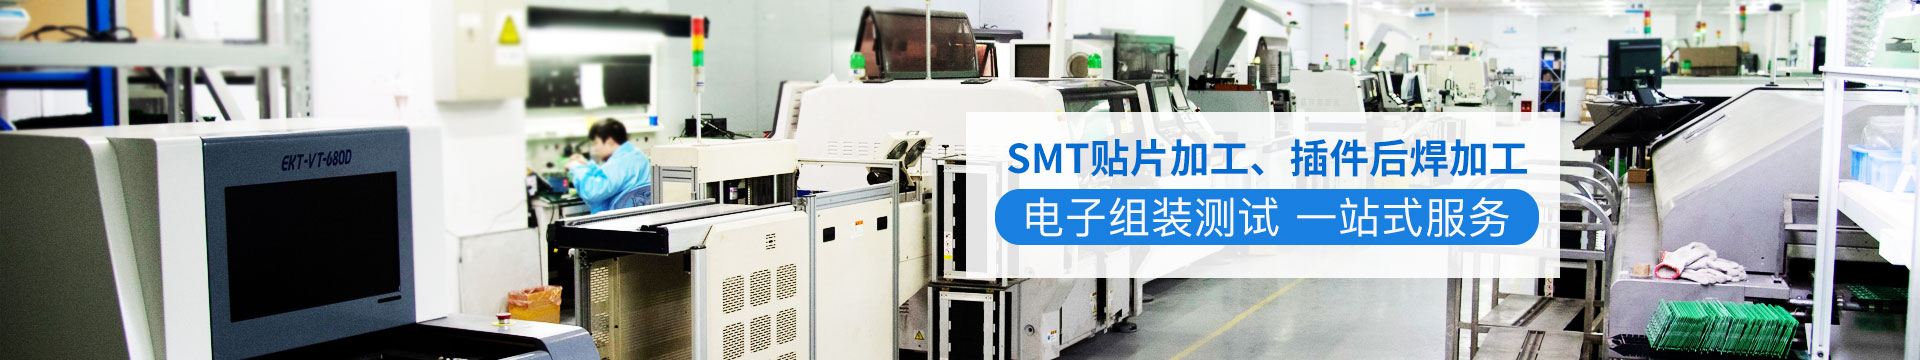 长科顺-SMT贴片加工,插件后焊加工